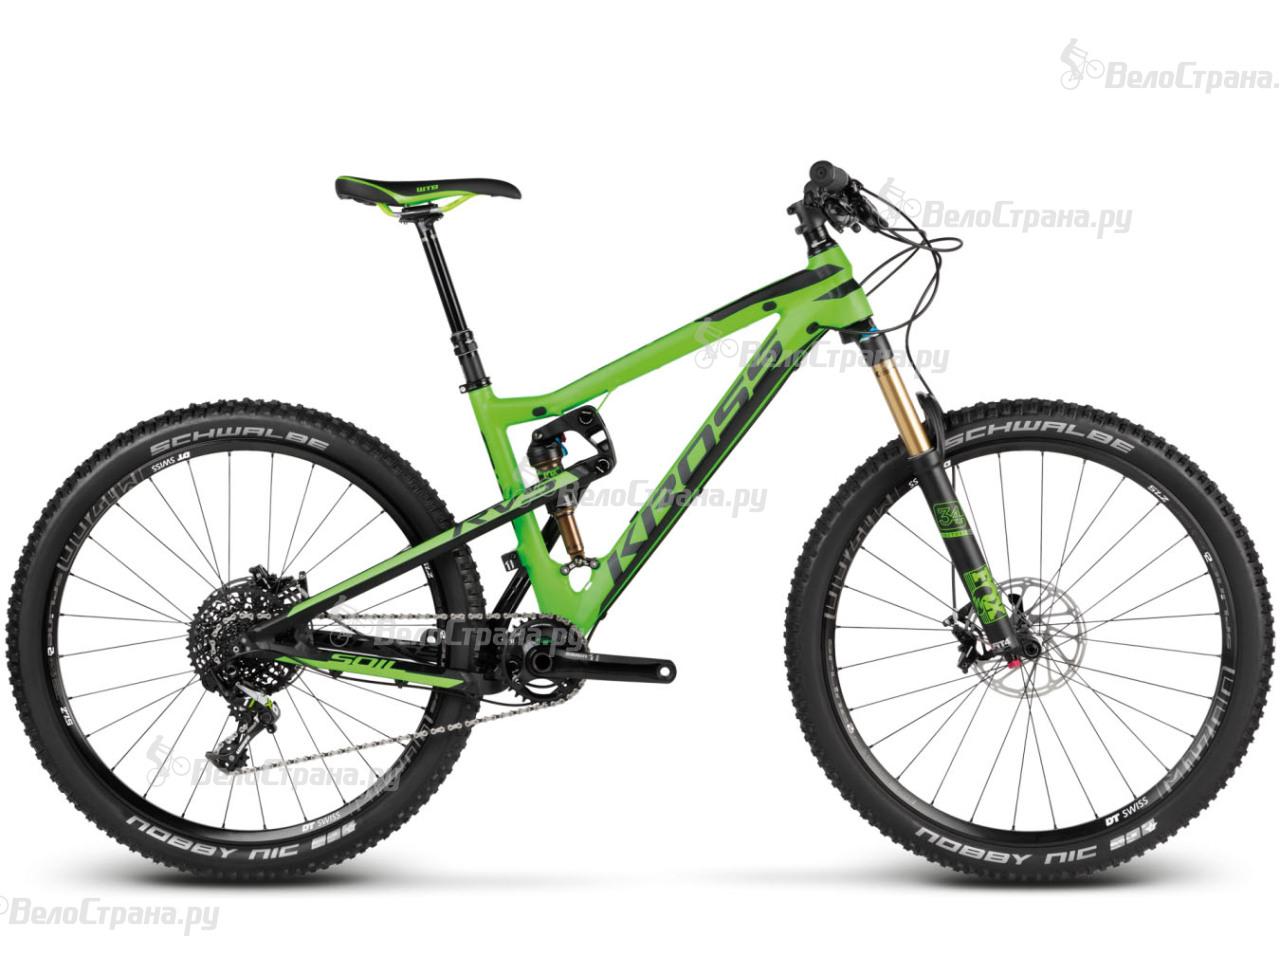 Велосипед Kross Soil 3.0 (2017) шоссейный велосипед decathlon 8301409 fit 27 btwin